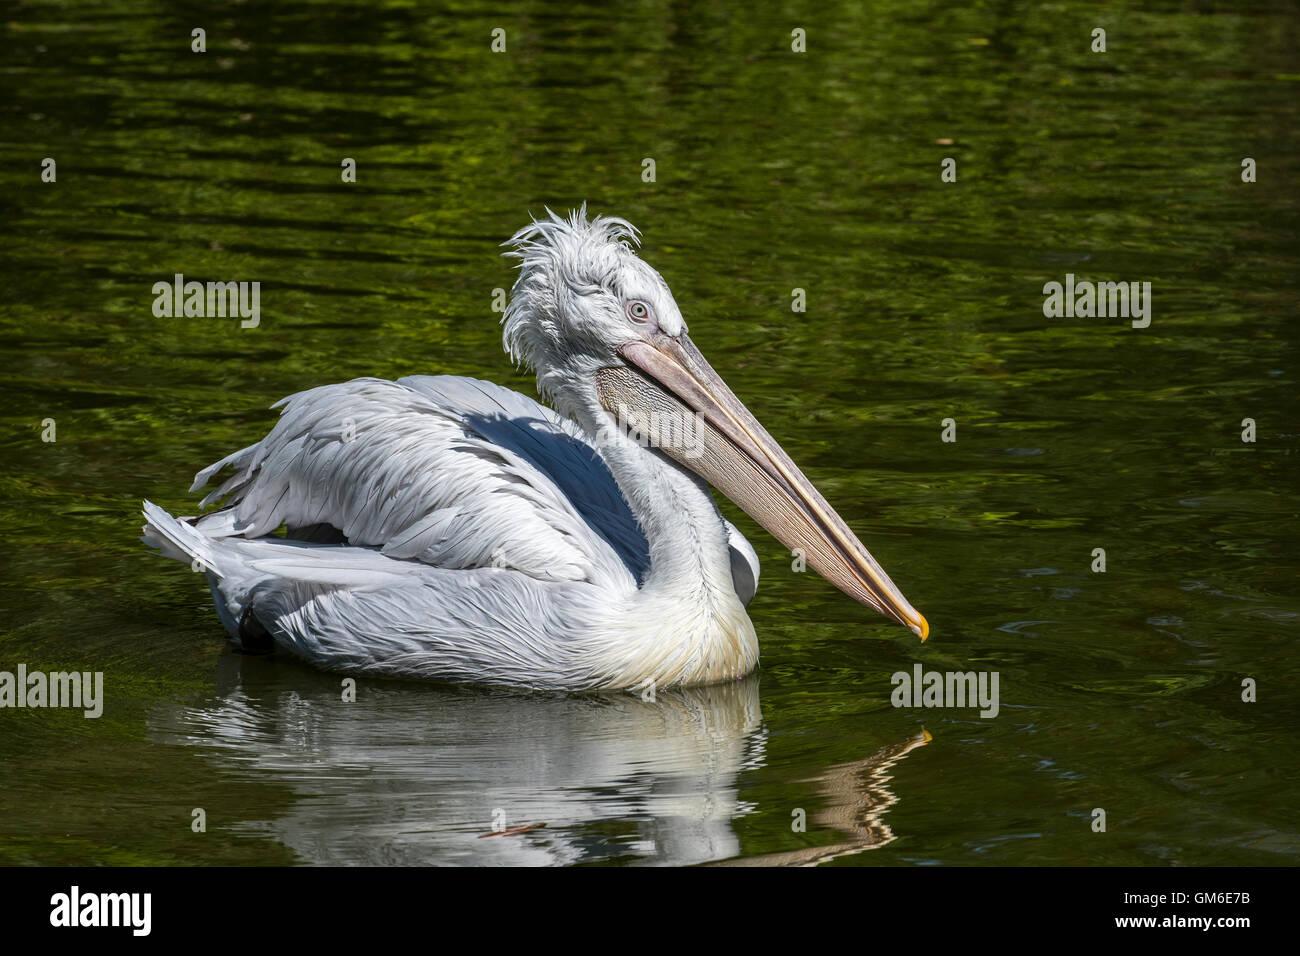 Dalmatian pelican (Pelecanus crispus) swimming in lake, native to Europe and Asia - Stock Image